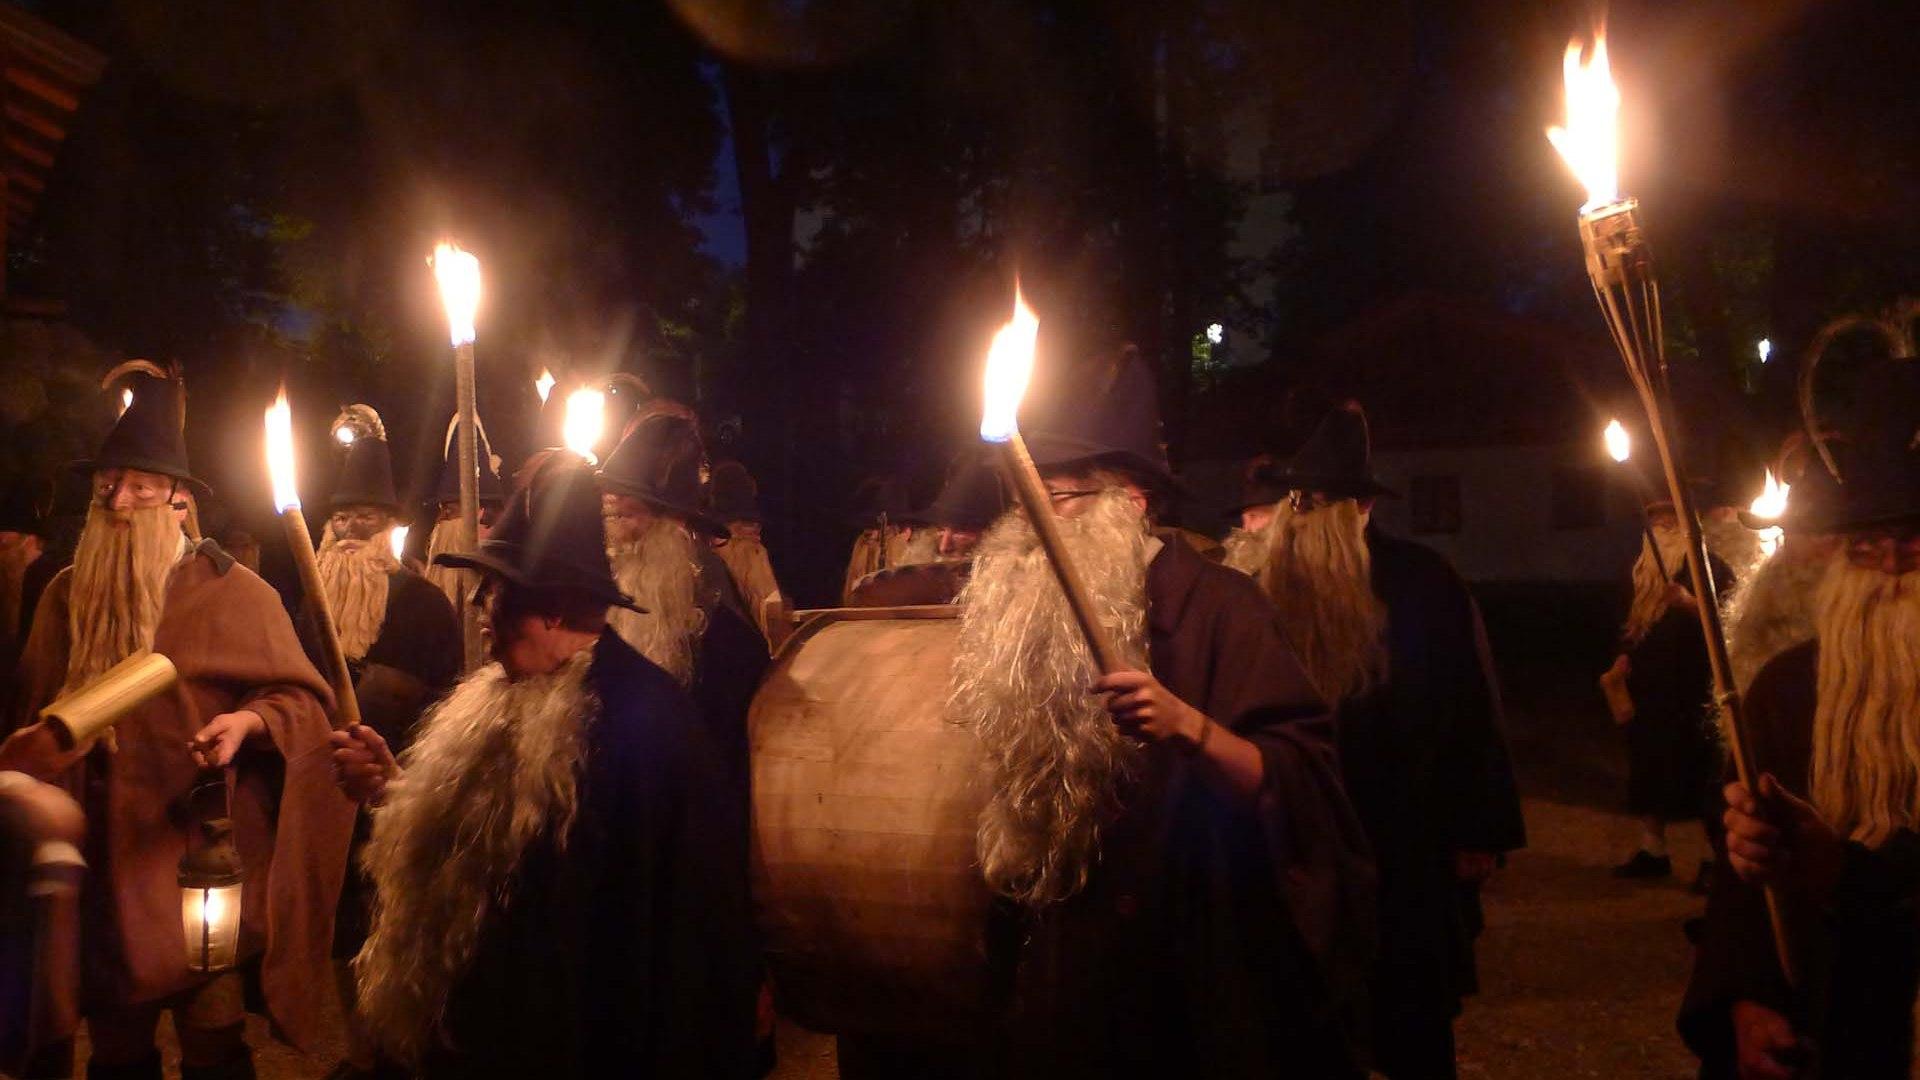 Traditionelles_Schupfenfest_Haberfeldtreiben_1920x1280